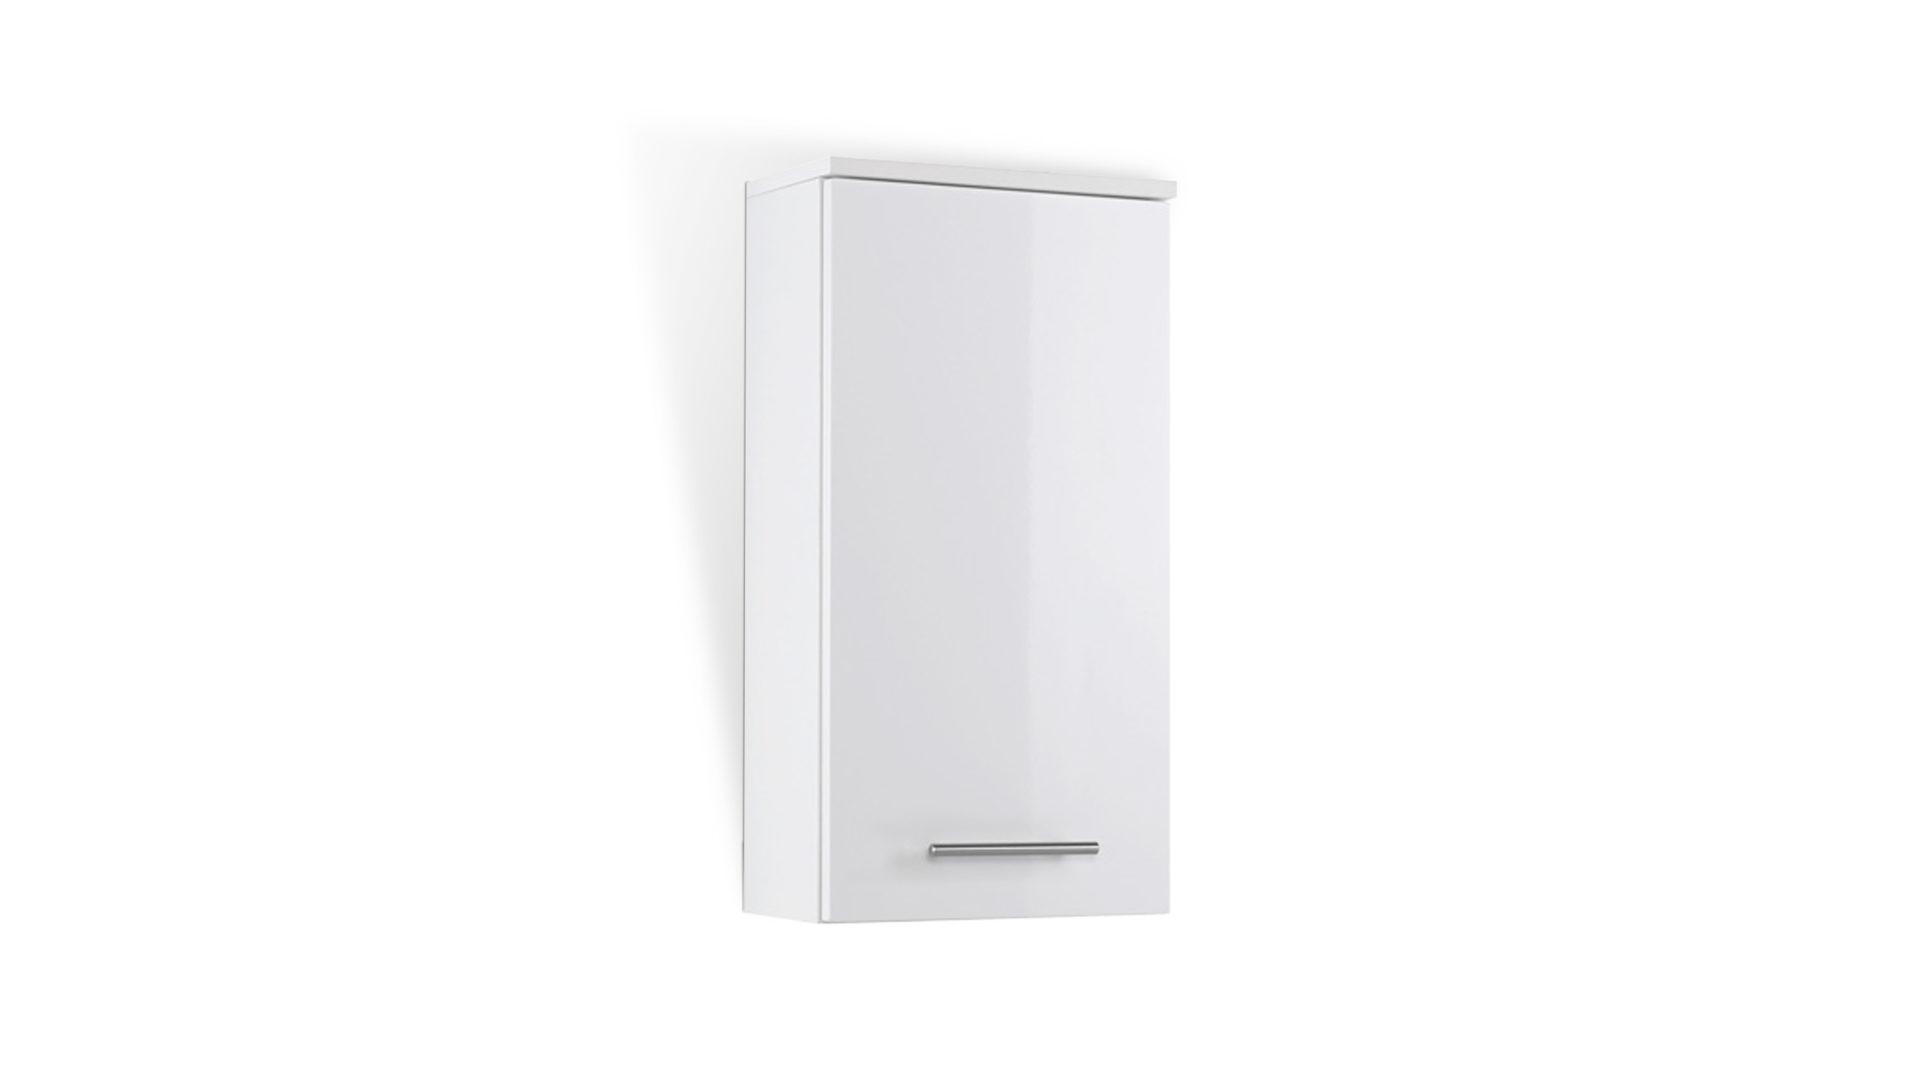 Bad-Hängeschrank Blanco bringt Ordnung ins Badezimmer, weiße ...